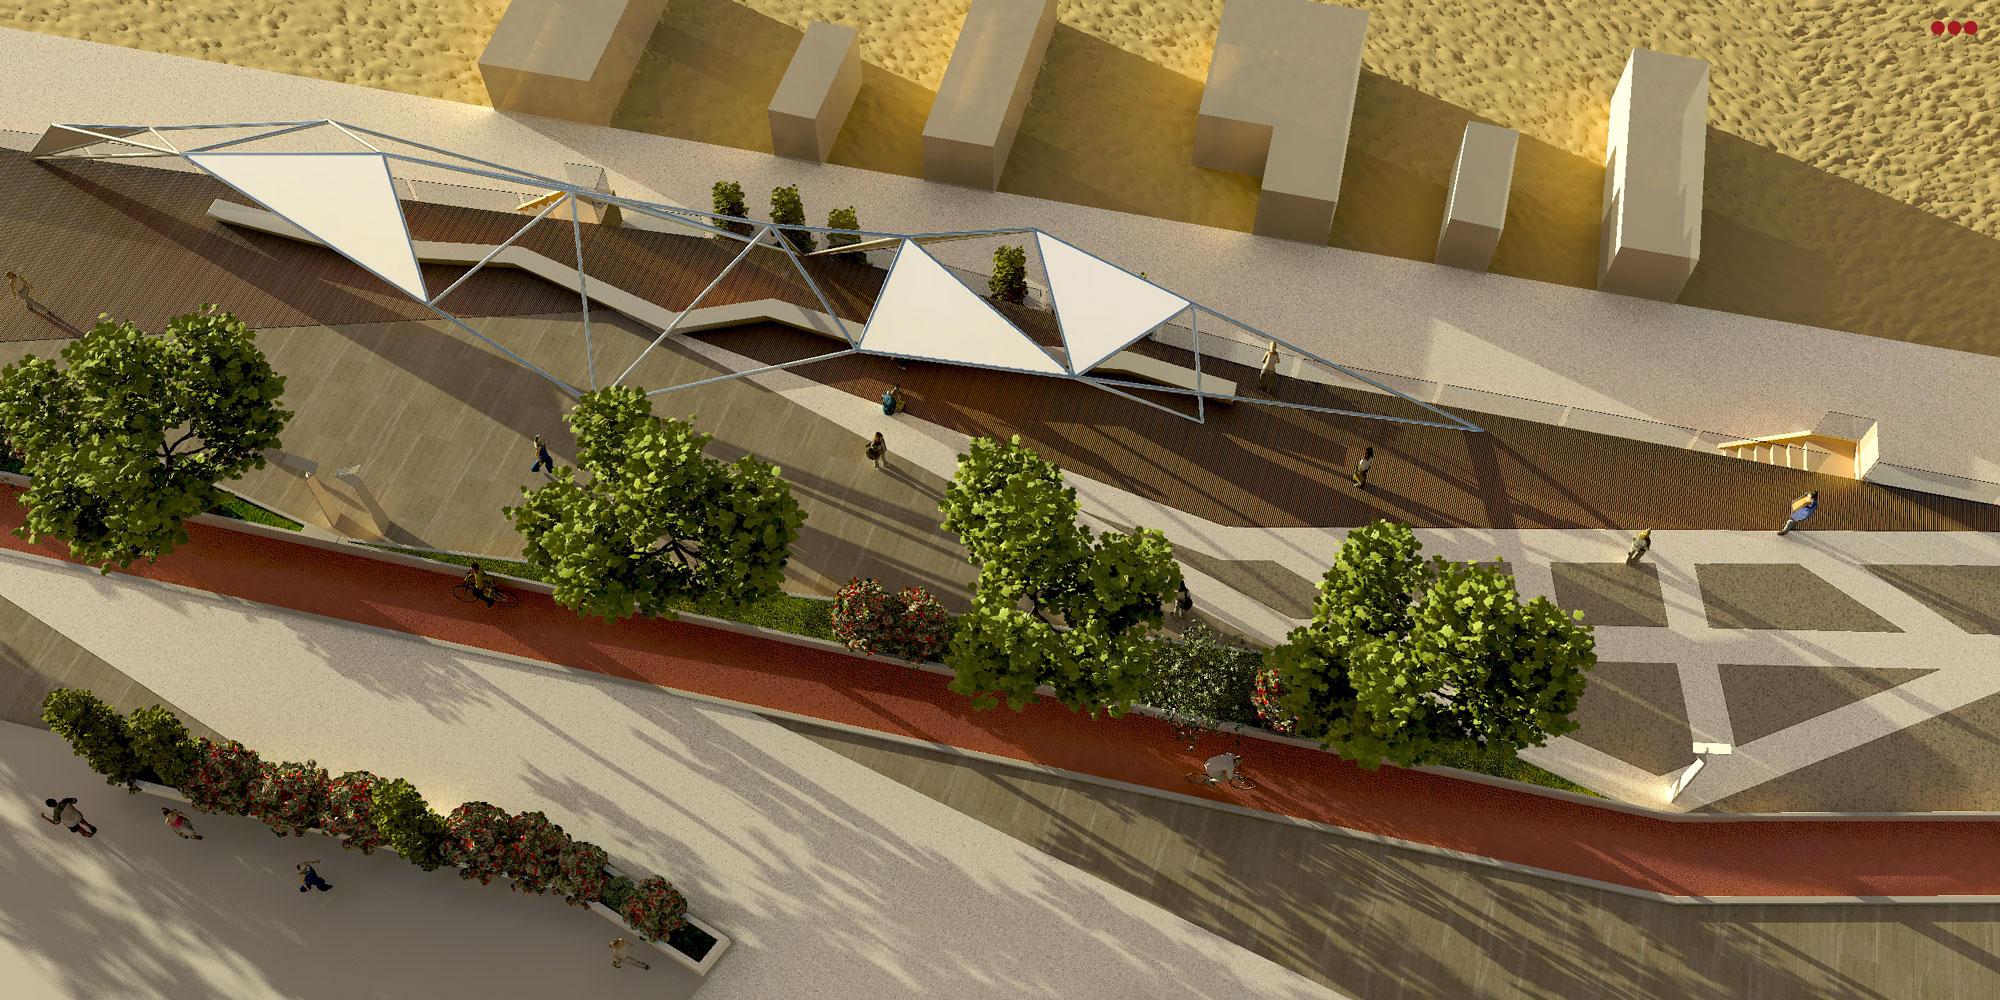 Progetto Rendering Modeling lungomare Cattolica Rimini 3D Studio Bartolini 1.1